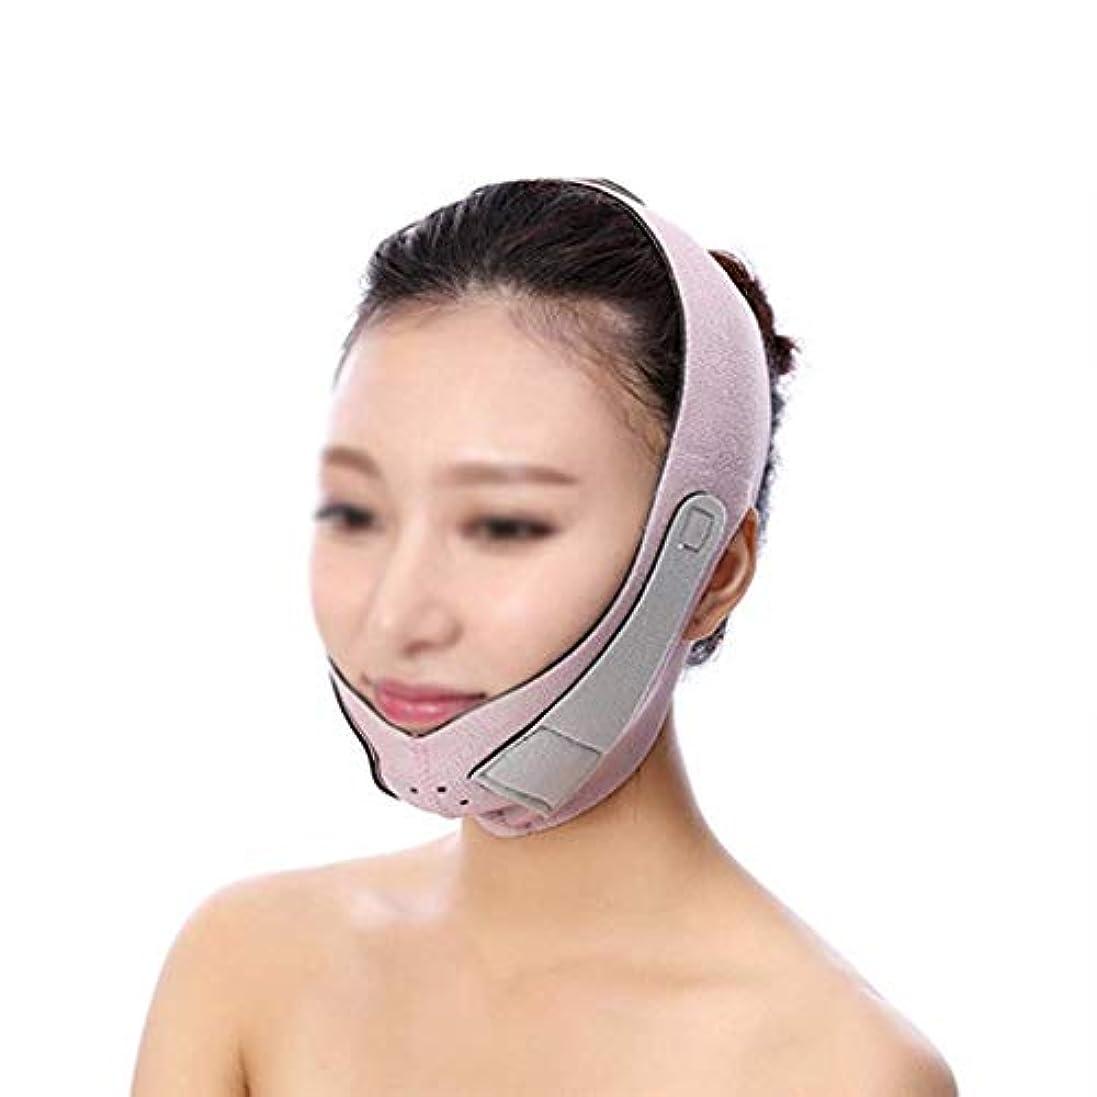 グレード可能類人猿薄型フェイスマスク、フェイスリフティングに最適、フェイスバンドを持ち上げてスキン包帯を引き締める、チークチンリフティング、スキン包帯を引き締める(フリーサイズ)(カラー:オレンジ),紫の